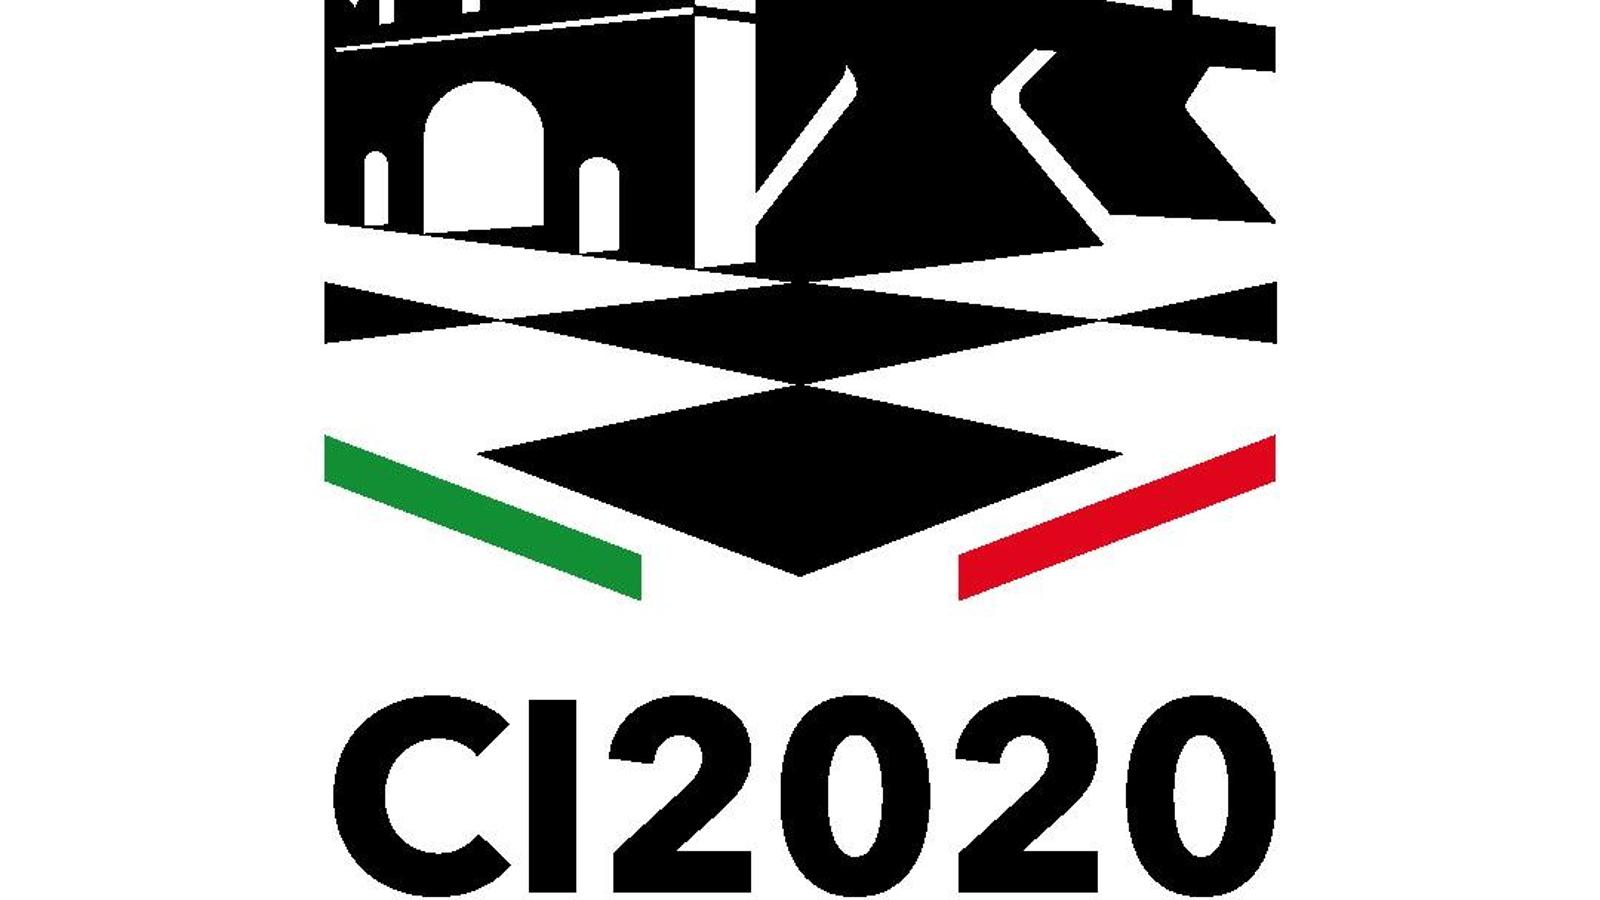 Al via i campionati italiani di ciclismo - Ciclismo - Rai Sport